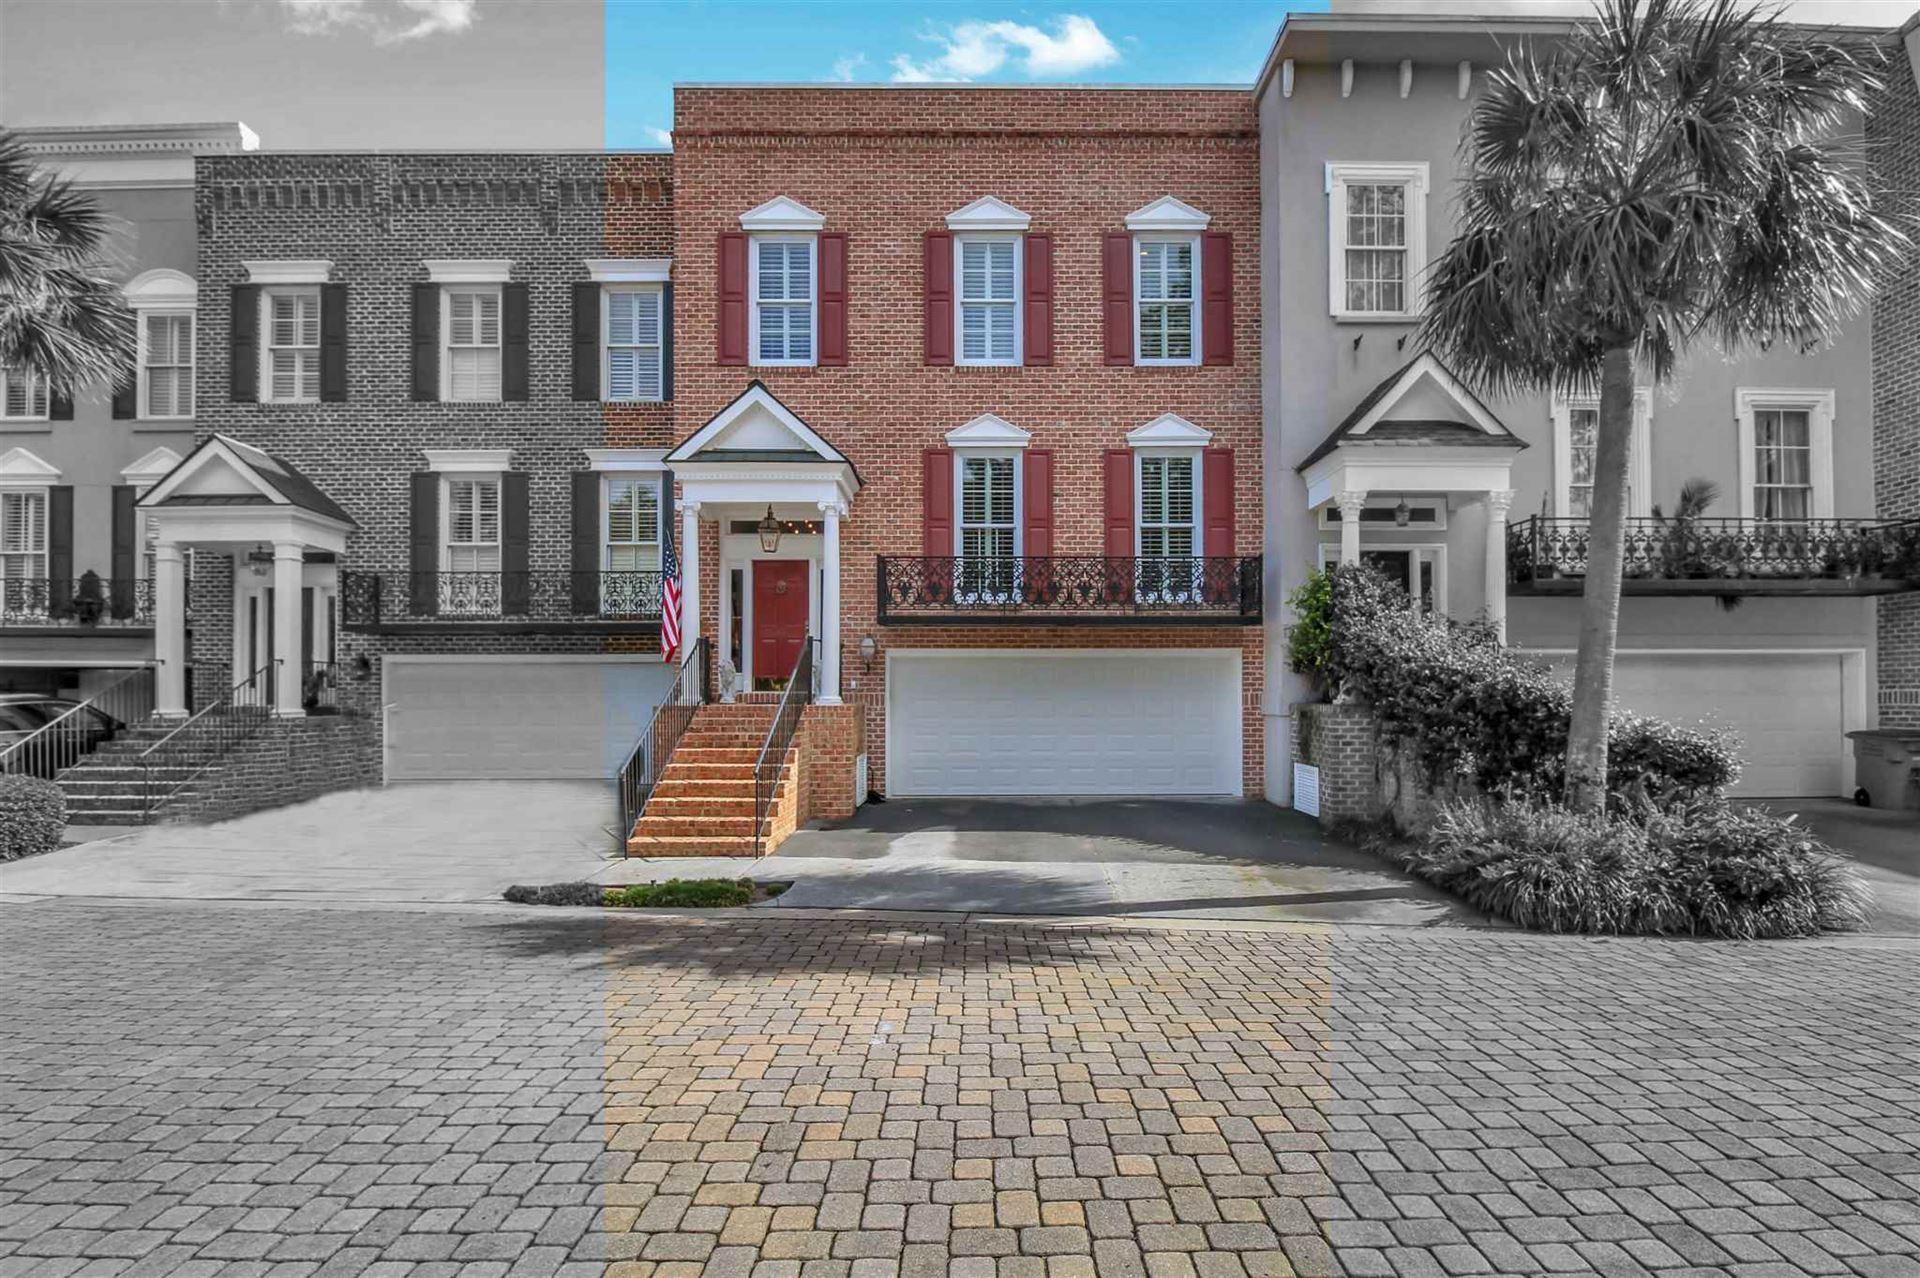 66 Palmer Blvd, Savannah, GA 31410 - #: 8856631